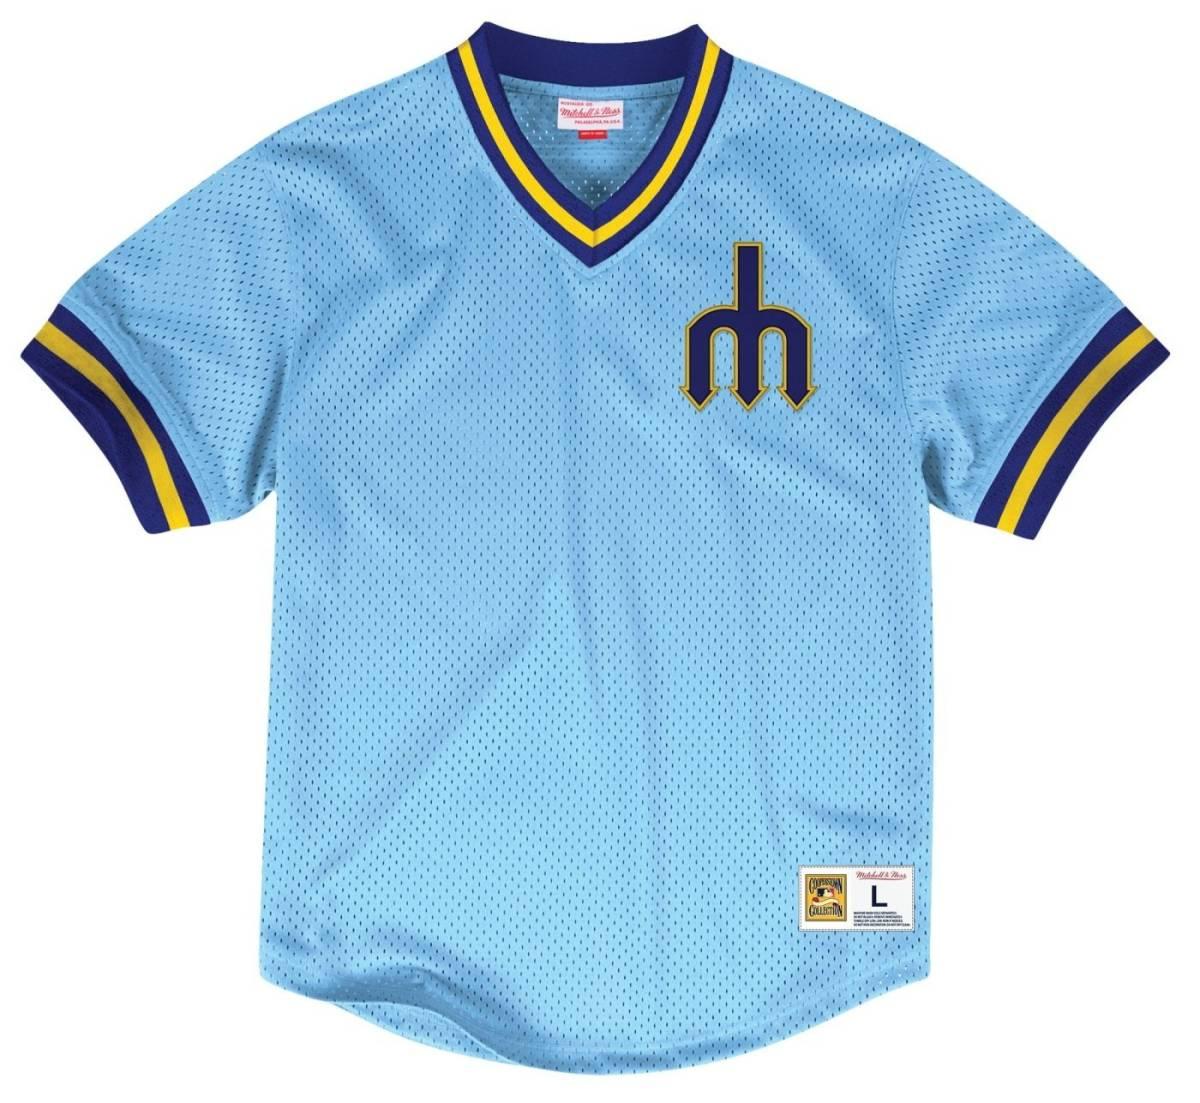 【S】 MITCHELL&NESS ミッチェル&ネス MLB ベースボールジャージ TeamWin ユニフォーム MARINERS シアトル マリナーズ USA正規品 水色_画像1